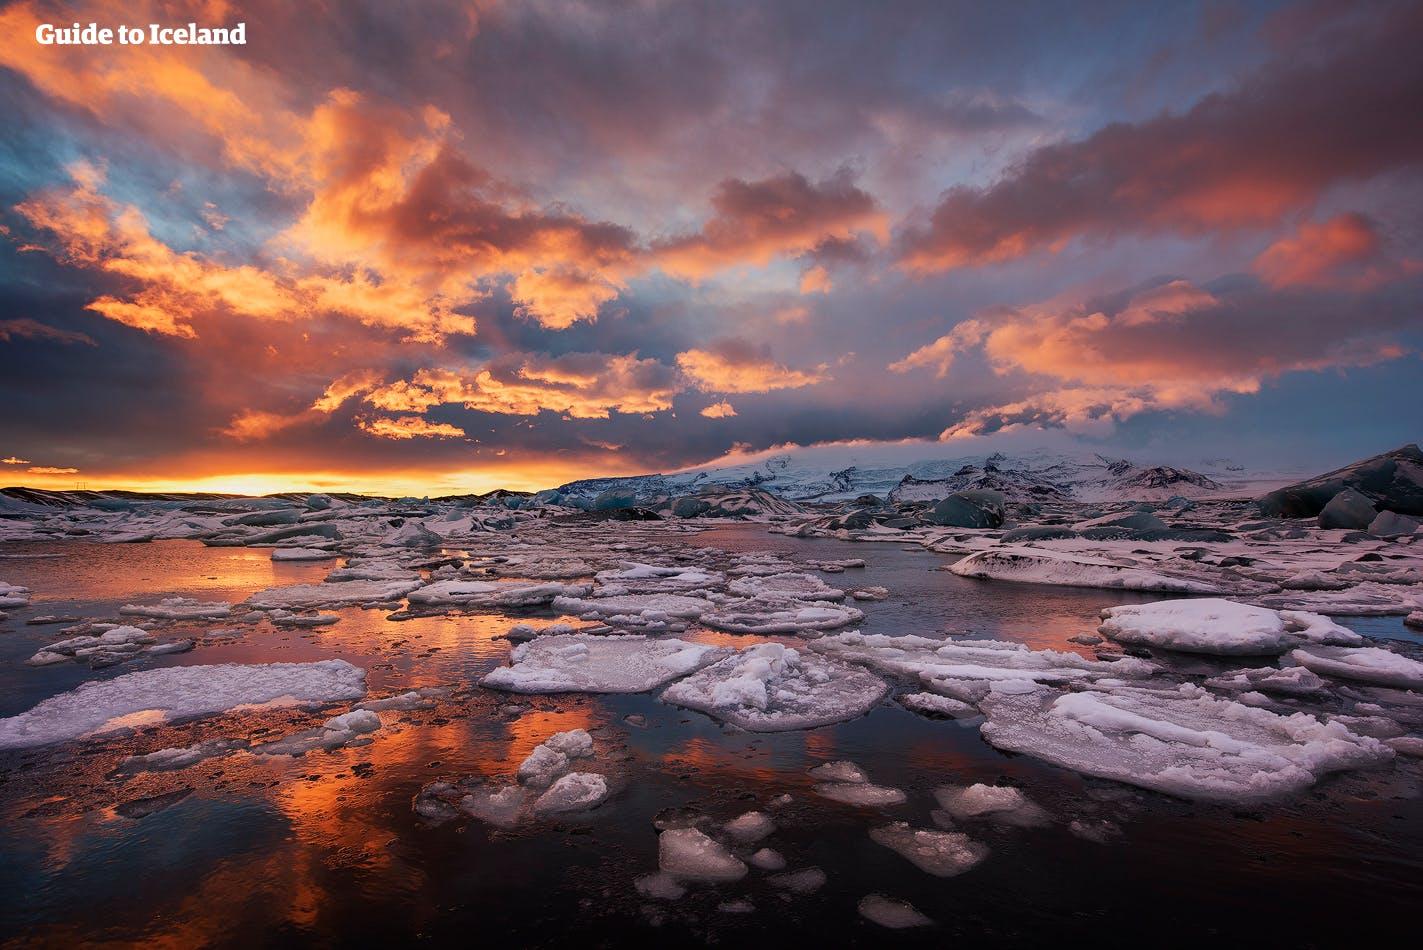 冰岛南岸的杰古沙龙冰河湖映照着多变的天空。